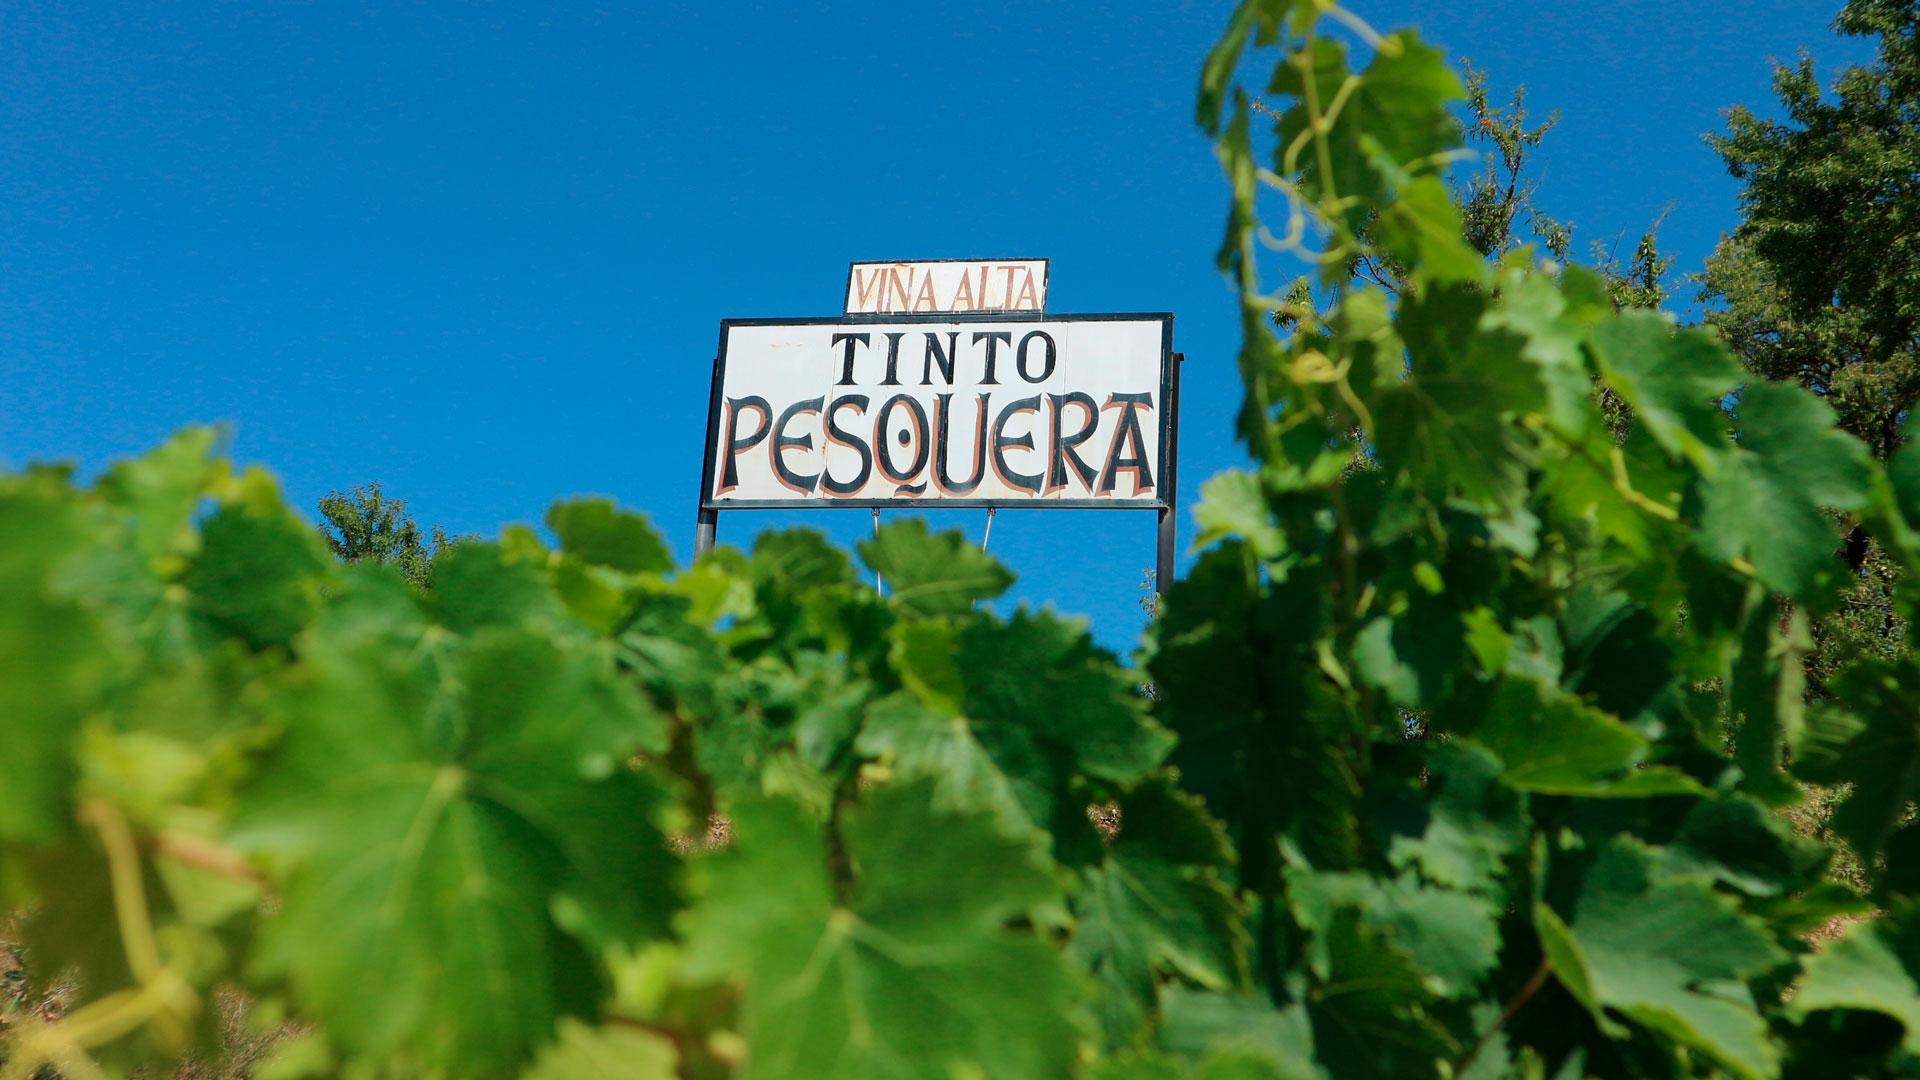 Nuevas añadas de Bodega Tinto Pesquera hero asset